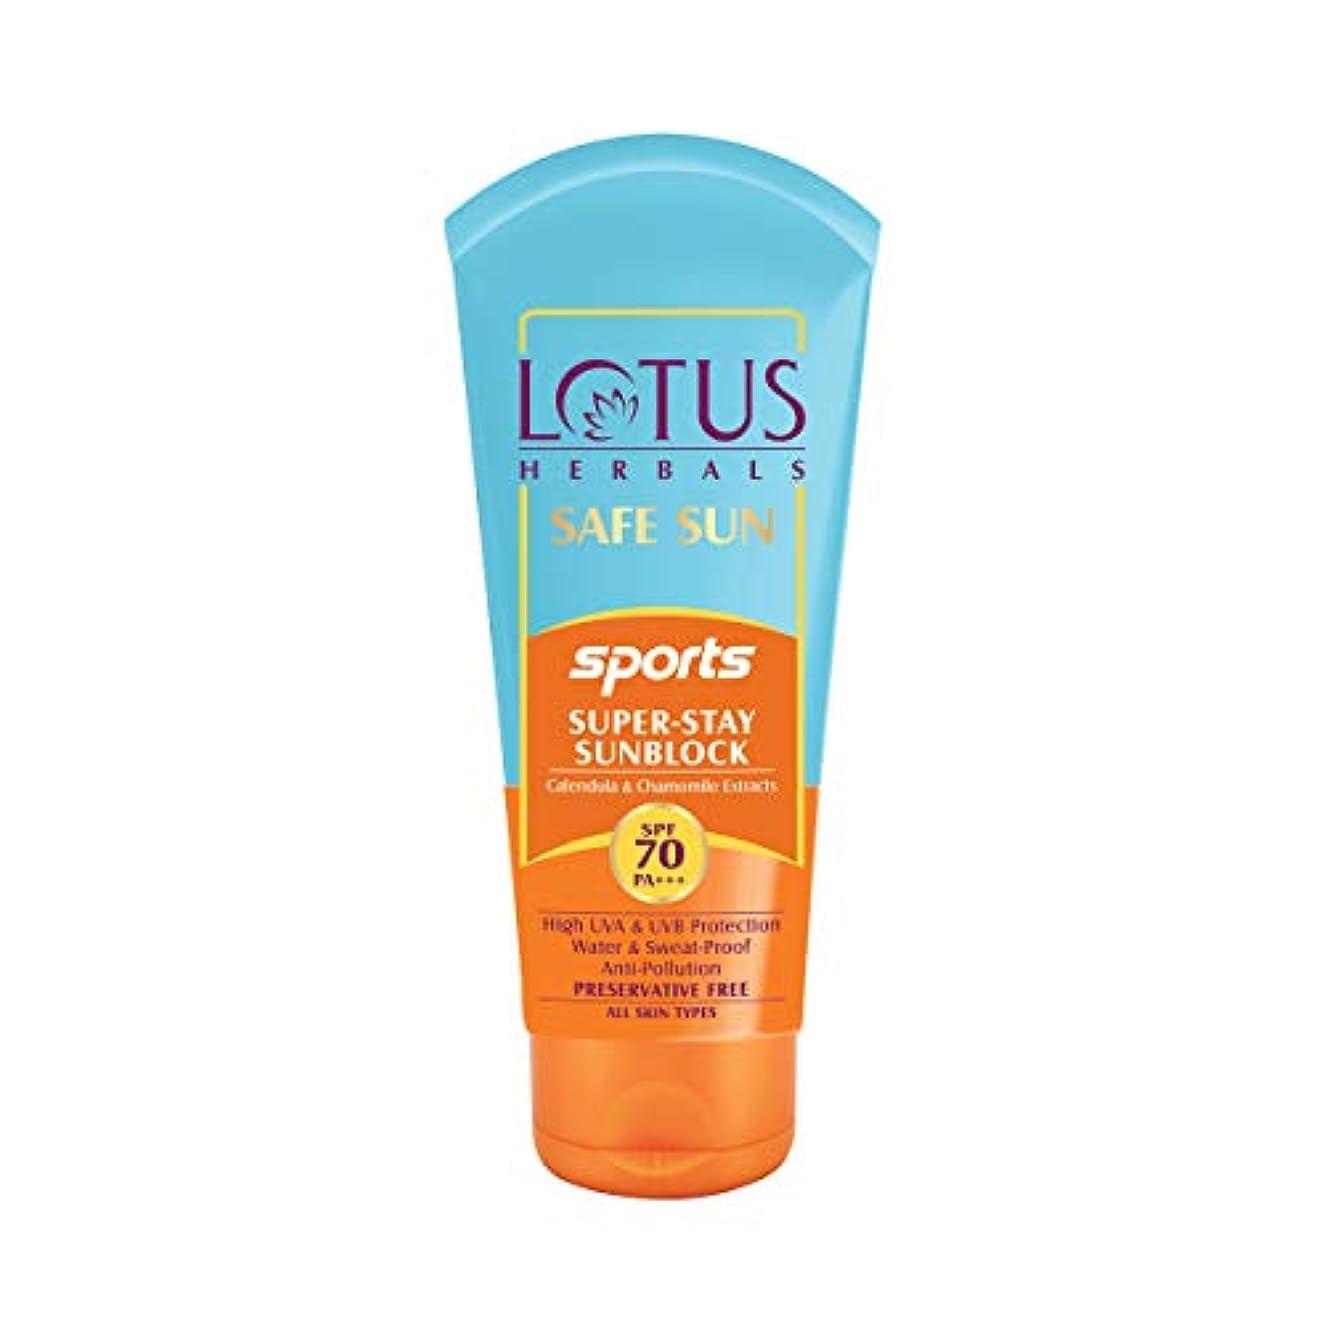 動機付けるメロドラマティック騙すLotus Herbals Safe Sun Sports Super-Stay Sunblock Spf 70 Pa+++, 80 g (Calendula and chamomile extracts)